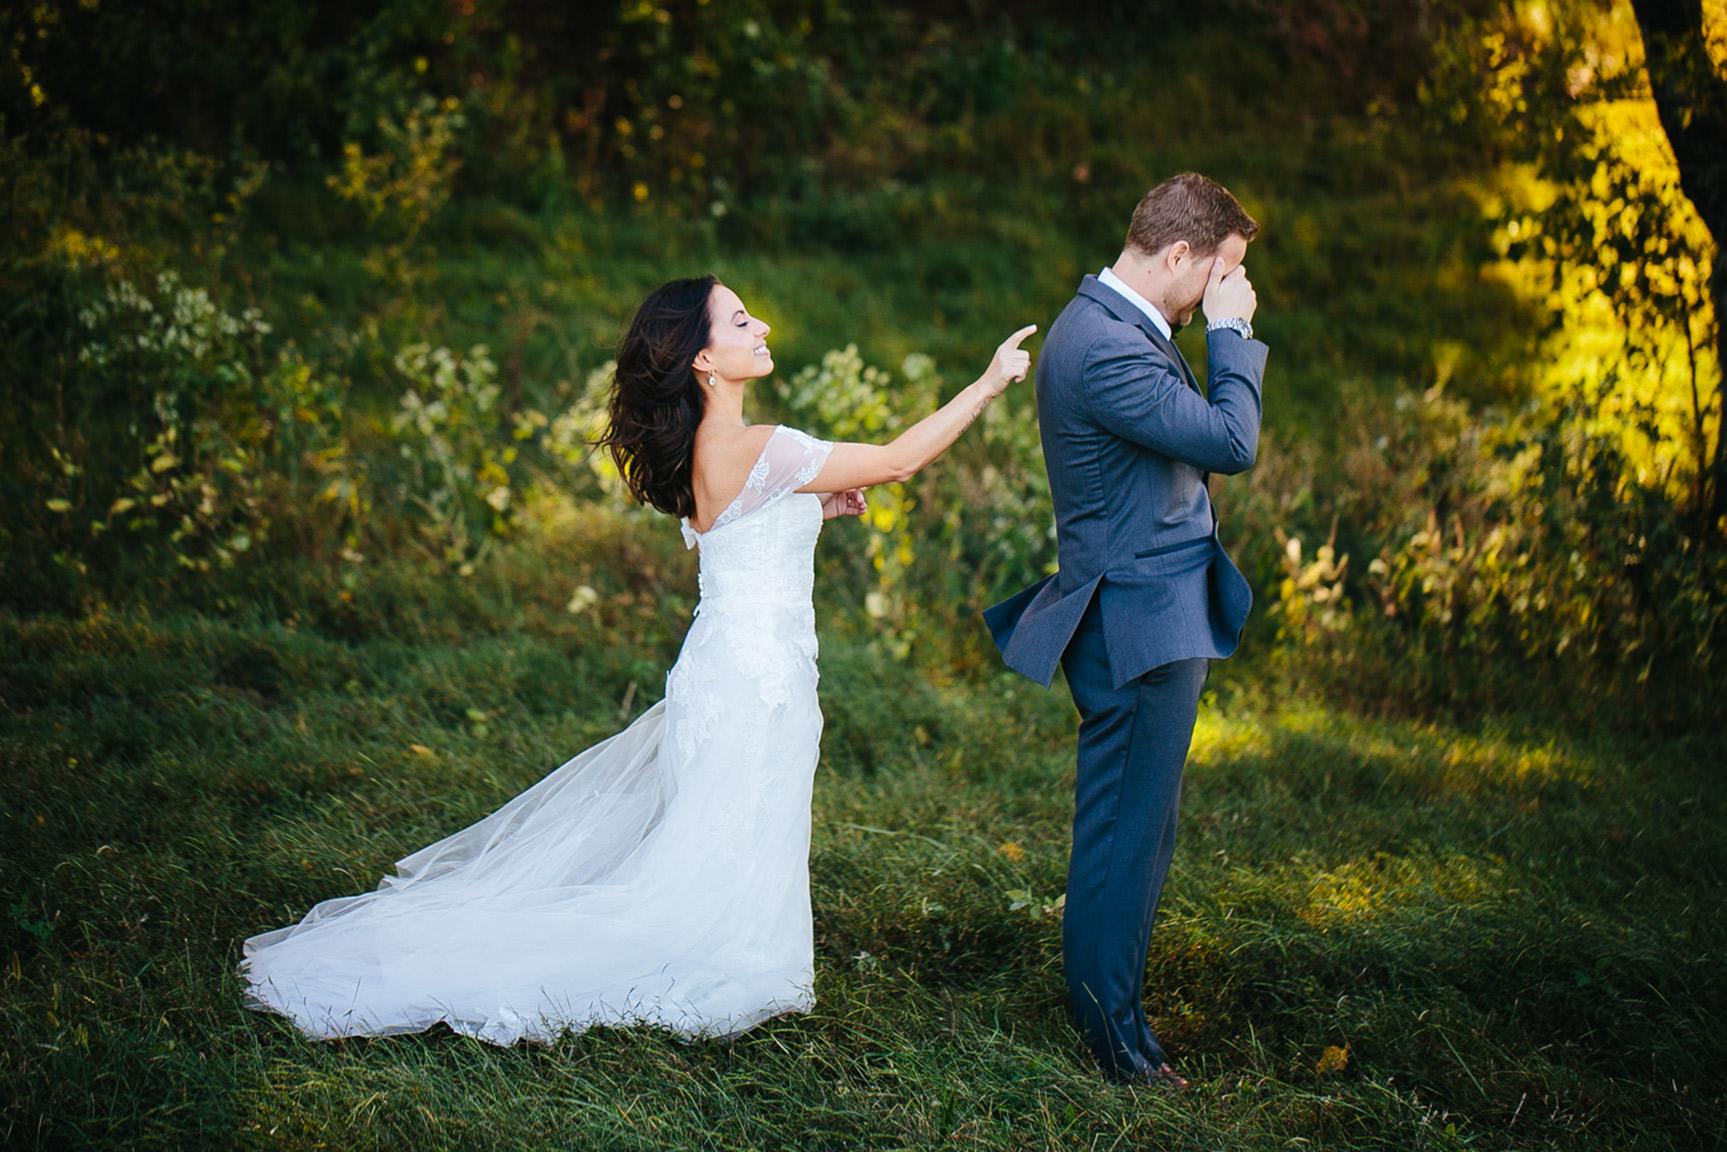 Nashville_WeddingPhotographer_006.jpg